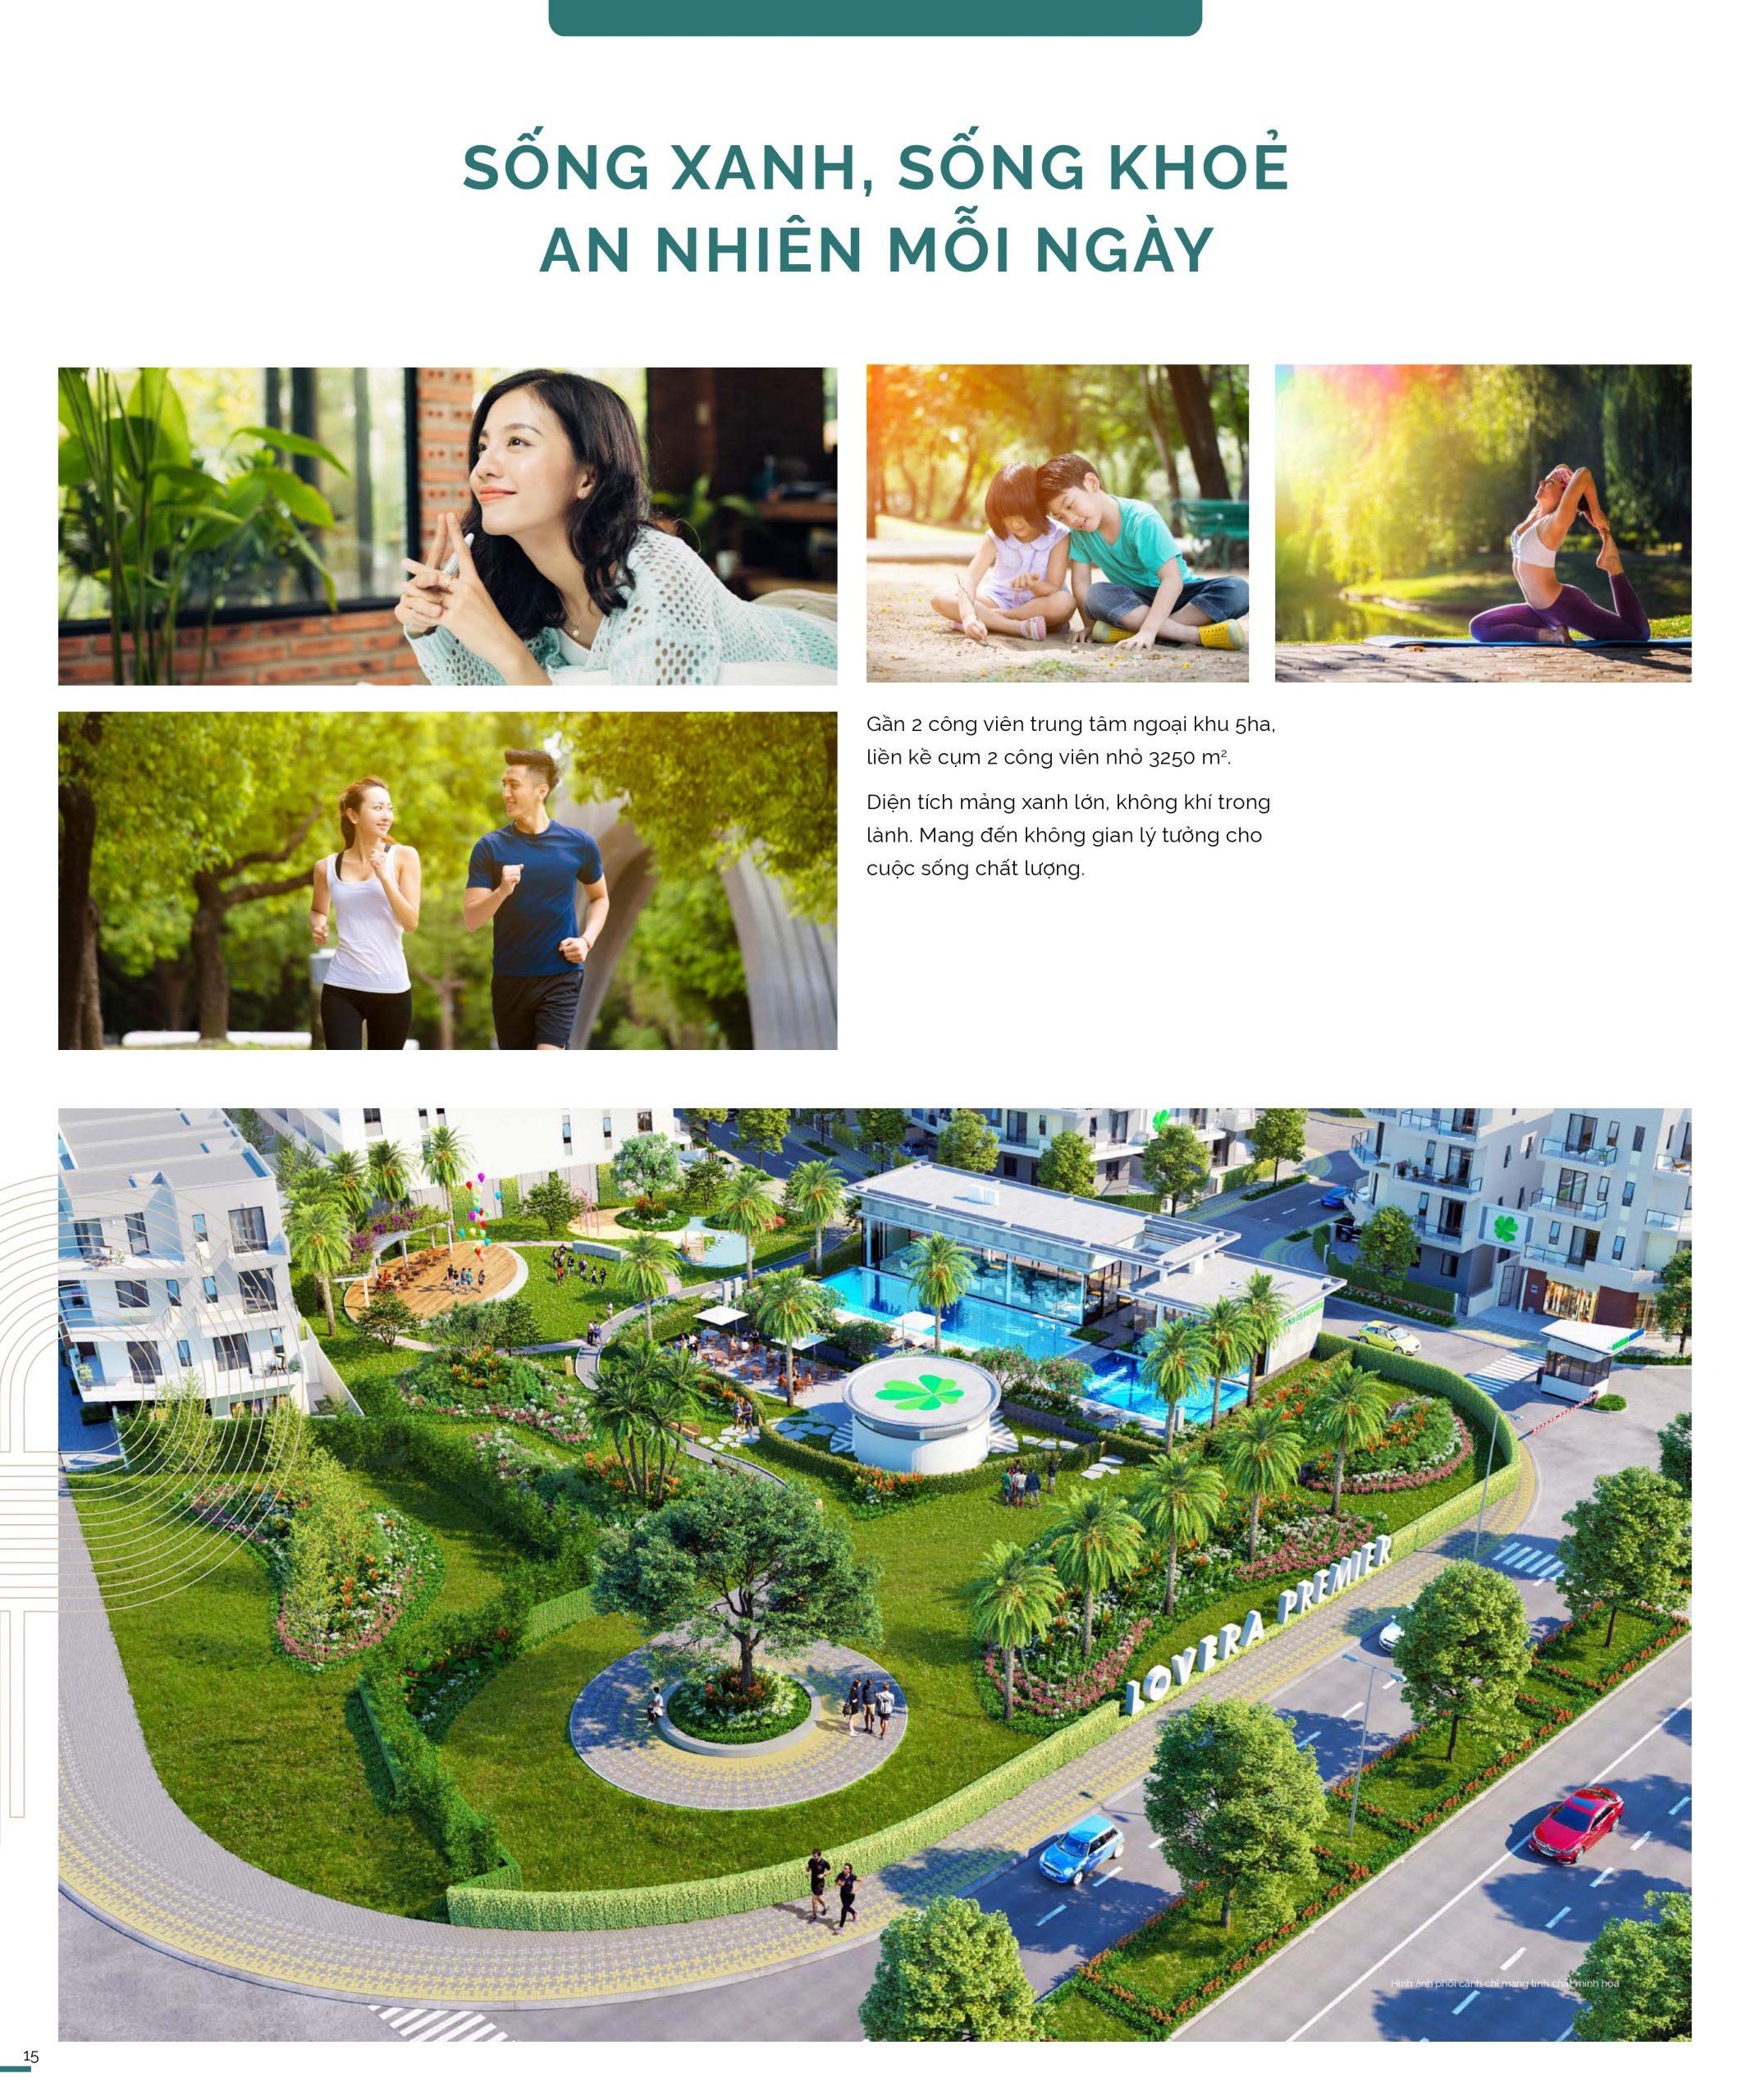 Tiện ích nhà phố Lovera Premier Khang Điền Bình Chánh